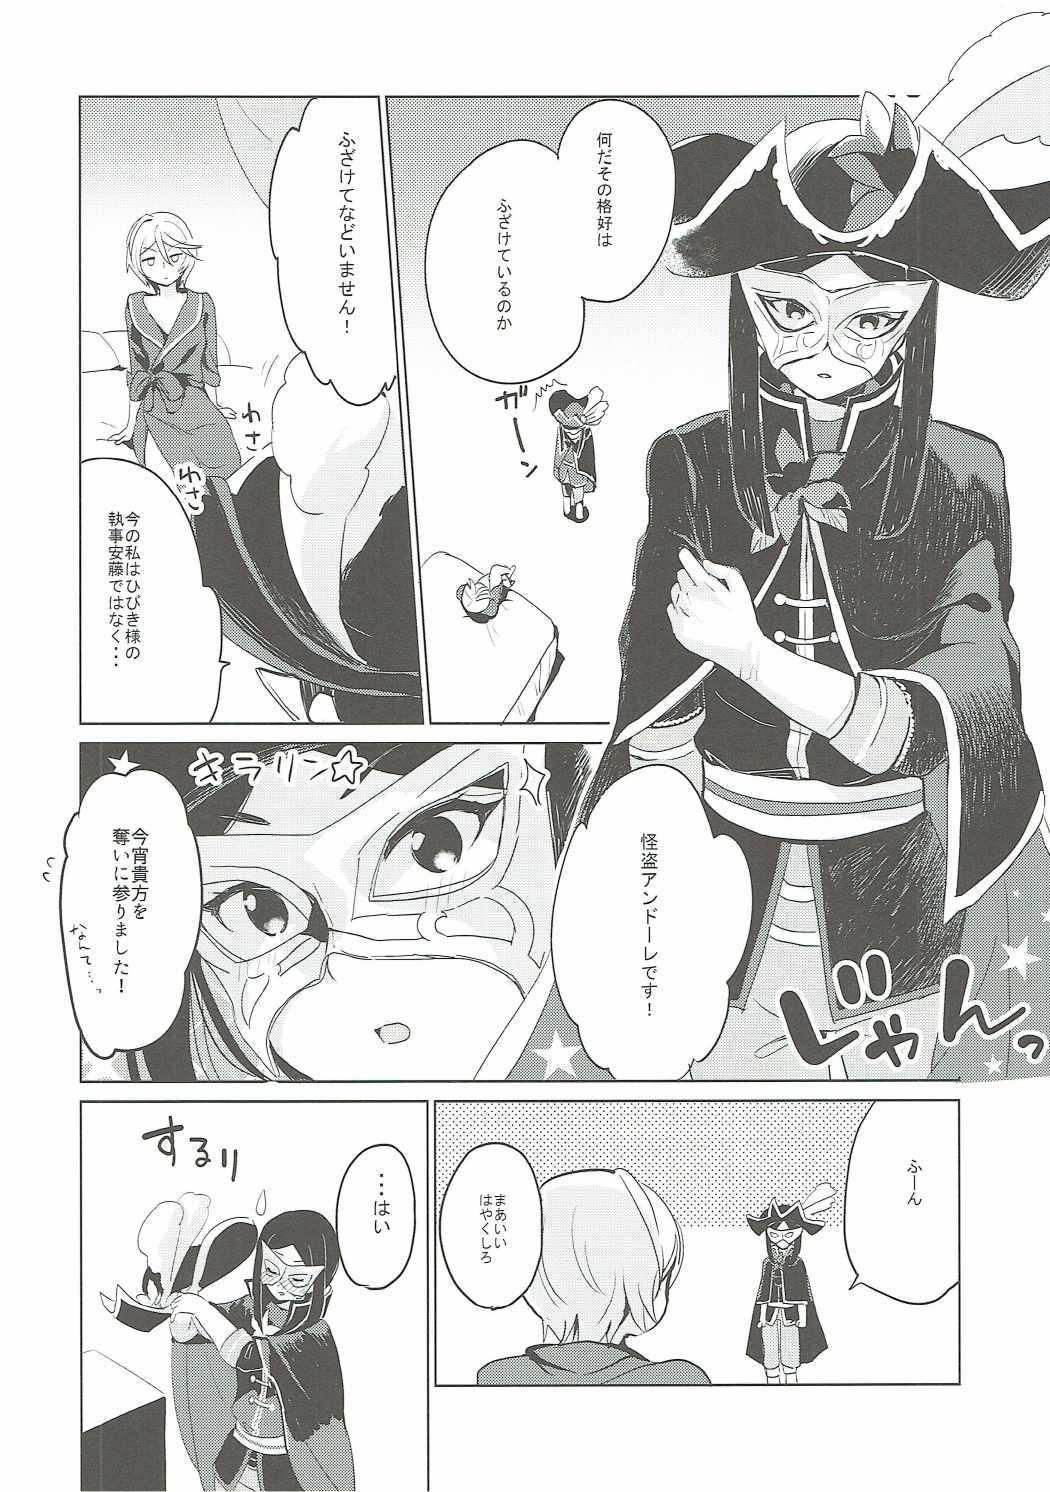 Soshitara Zenbu Yurushite Yaru 12